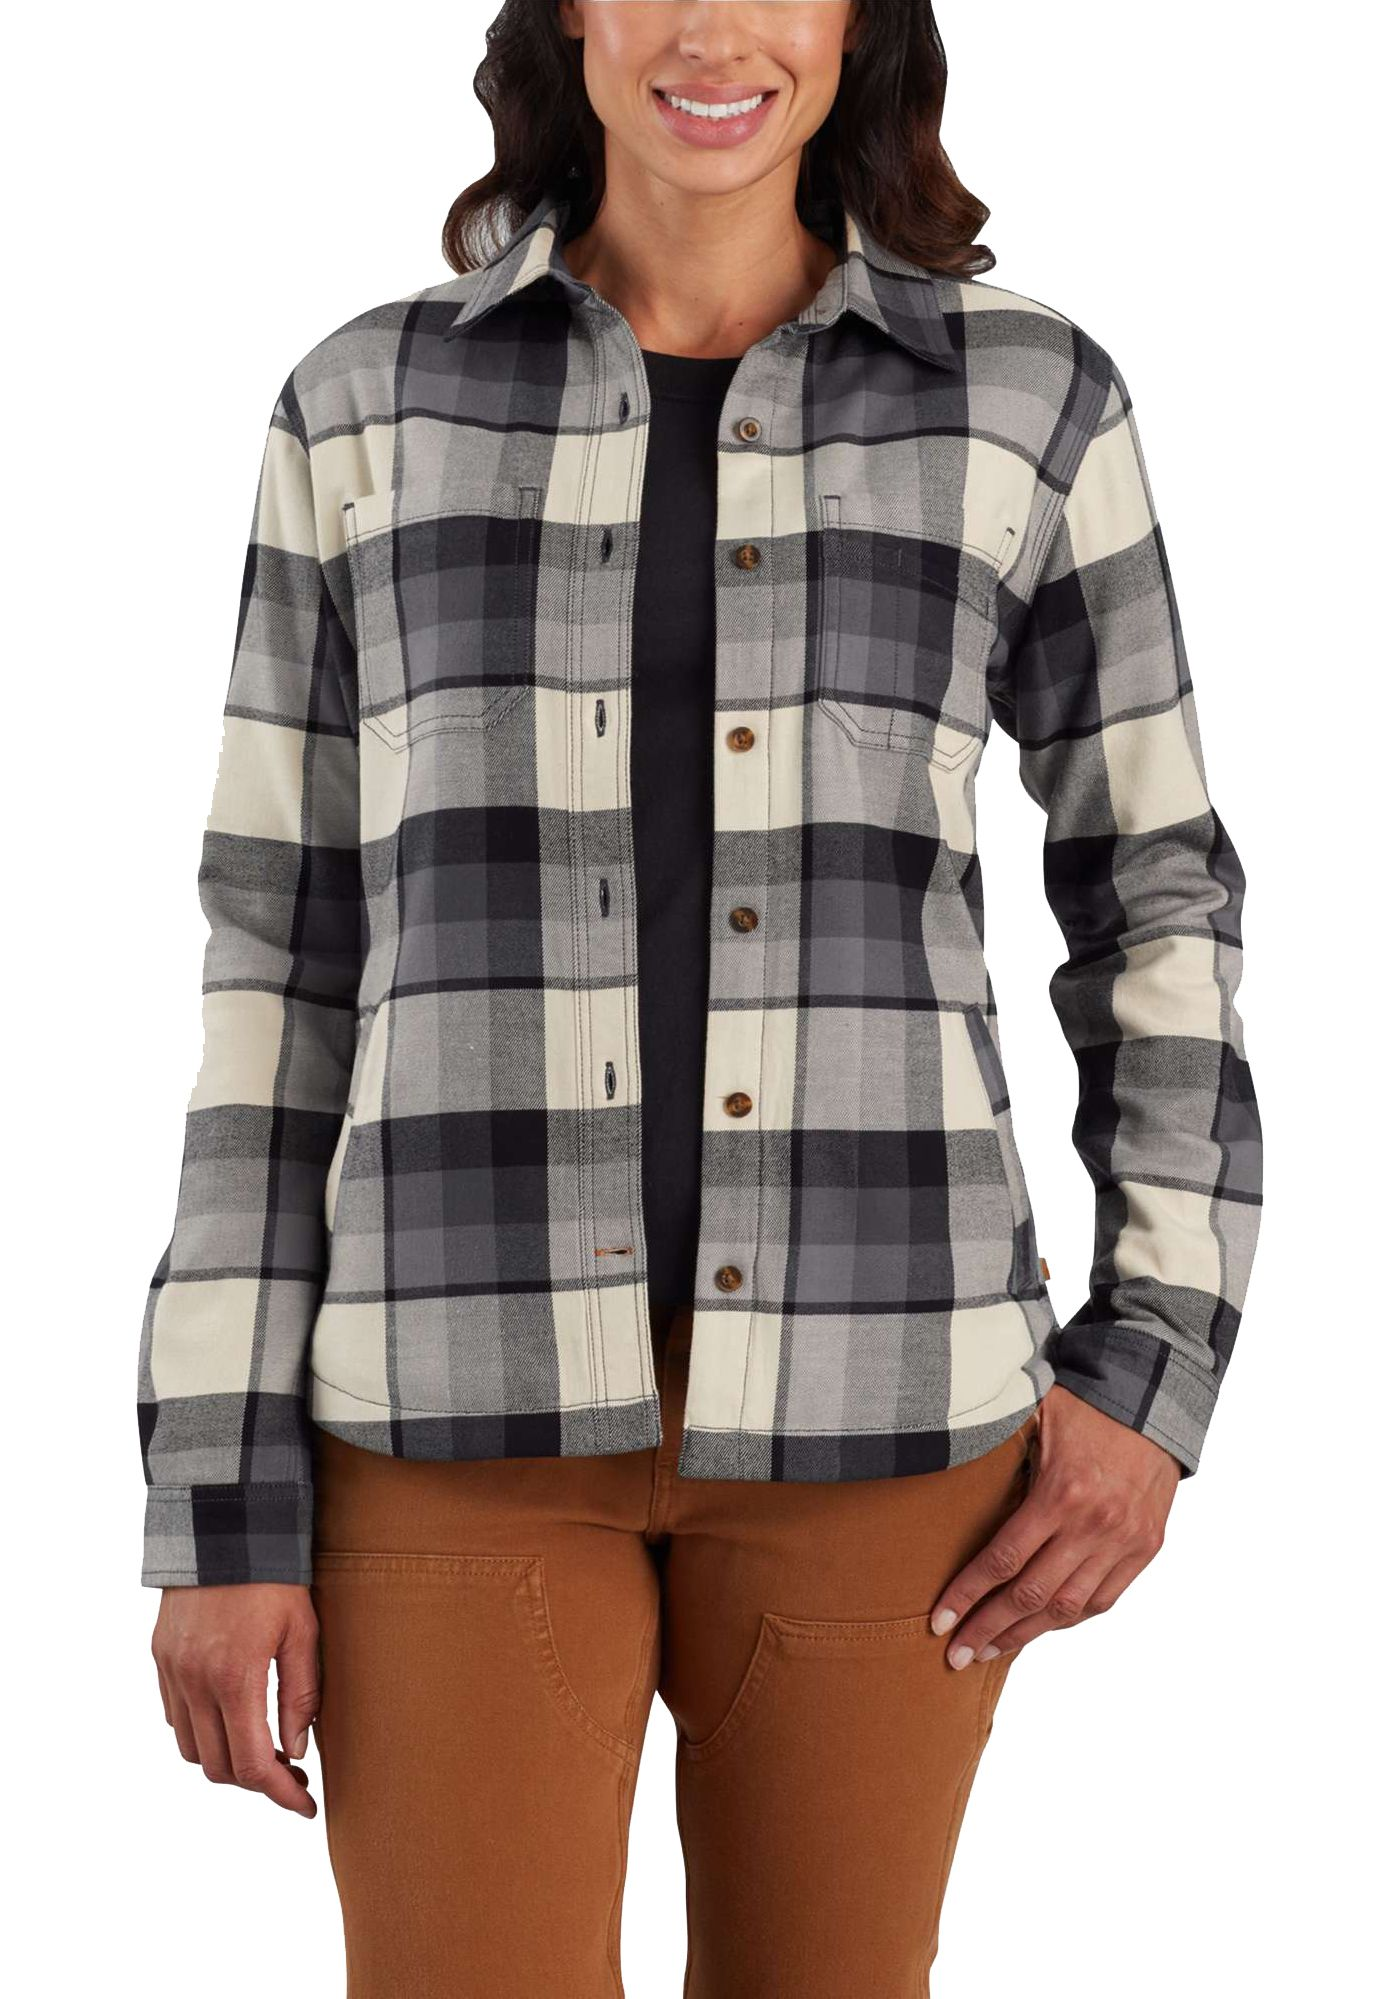 Carhartt Women's Rugged Flex Hamilton Fleece-Lined Shirt